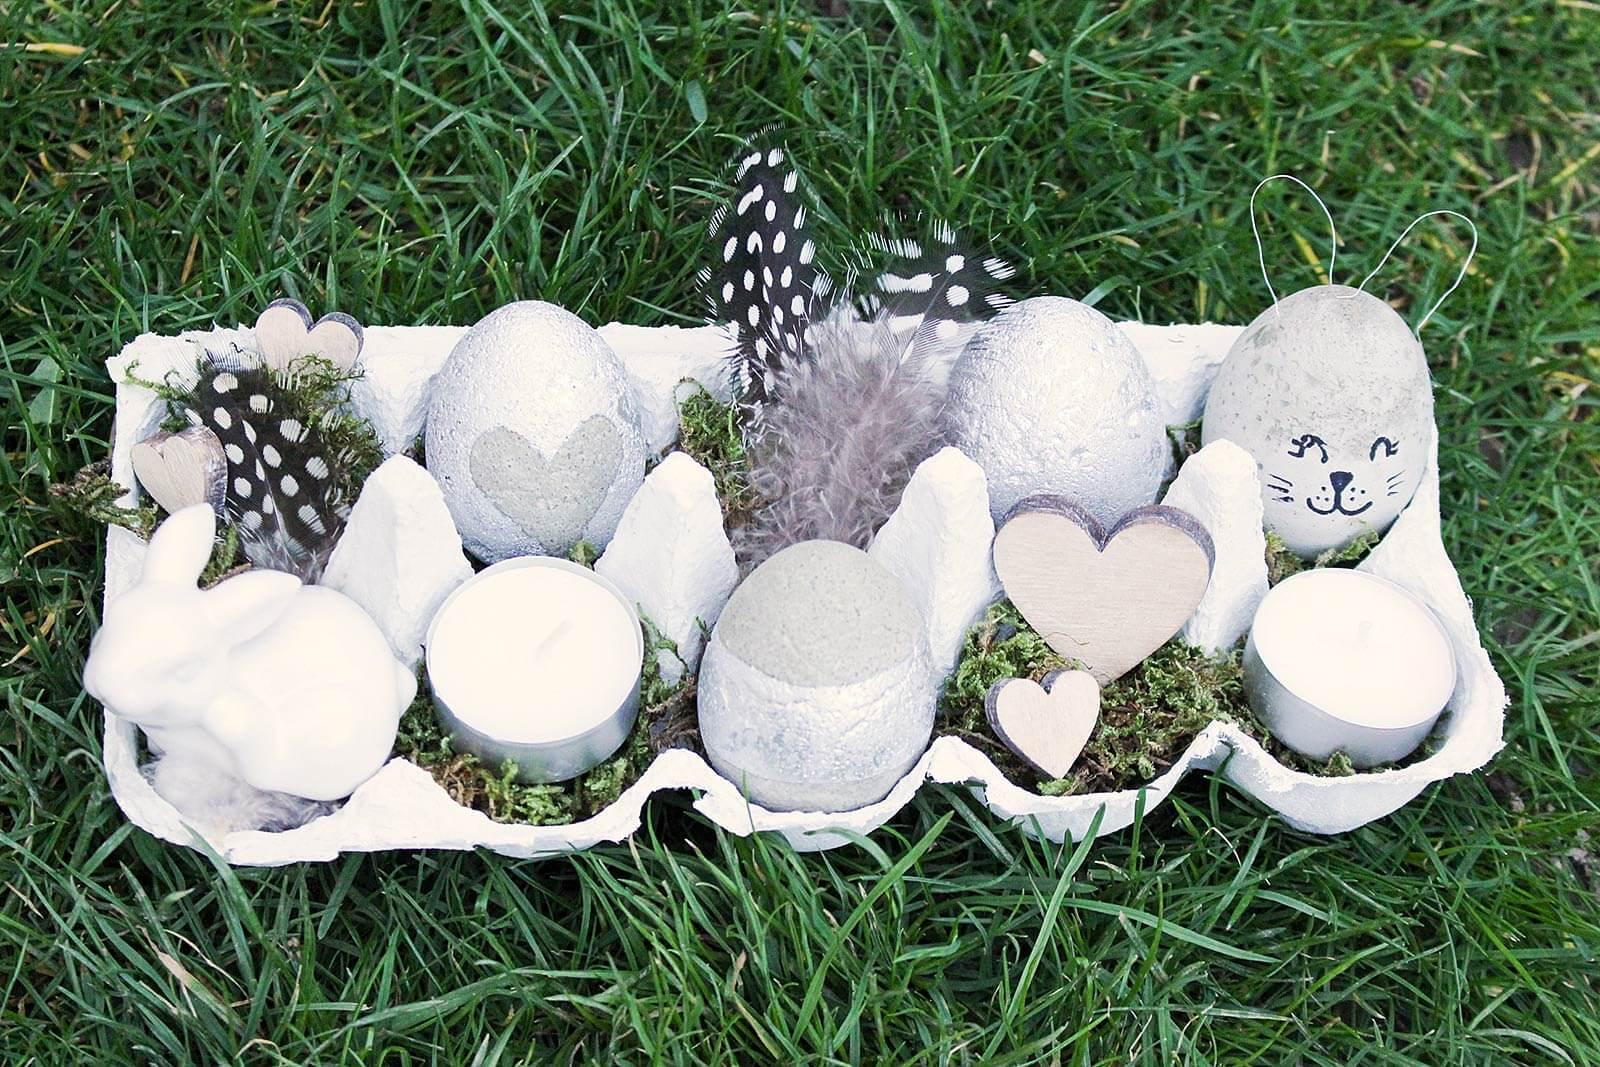 Unsere hübschen Deko-Eier zu Ostern